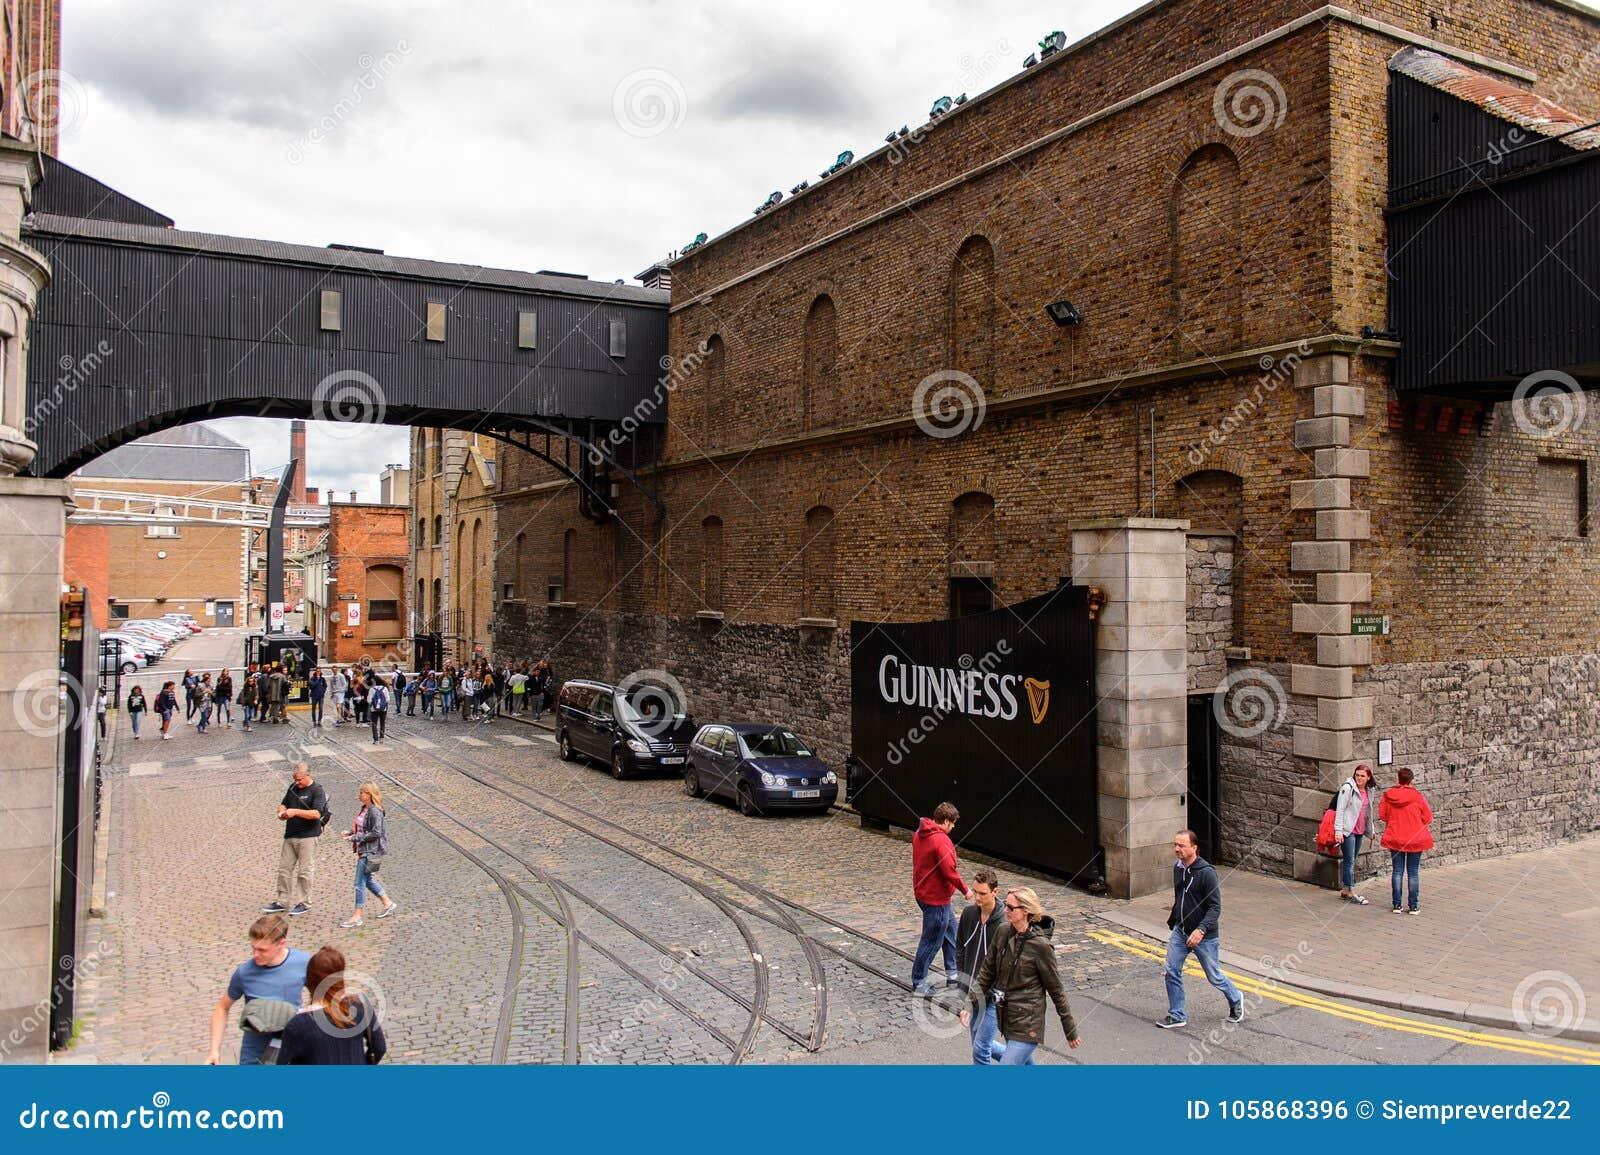 Guinness-Brauerei, Irland